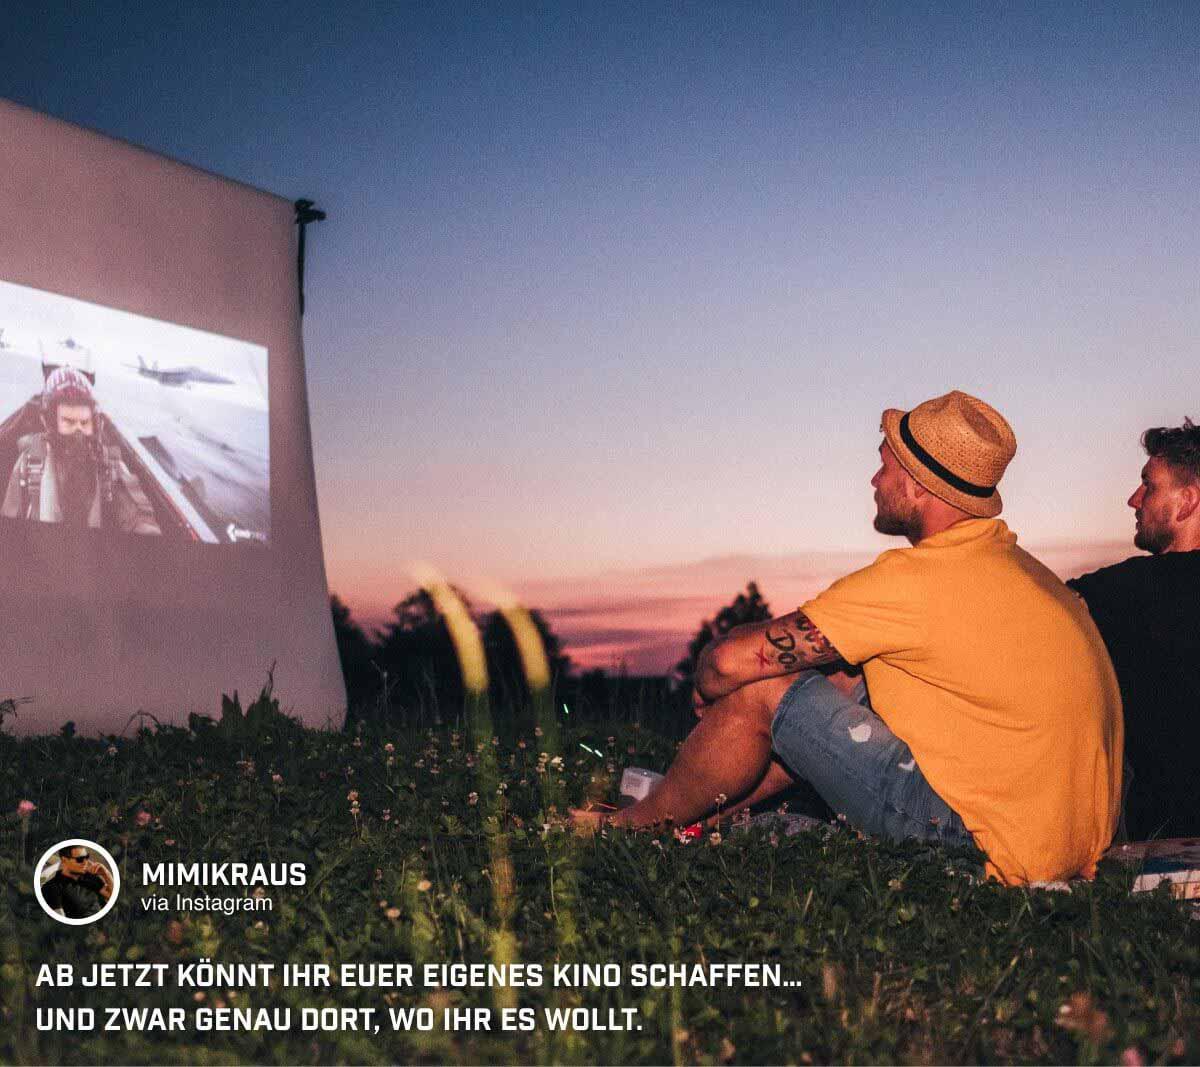 Michael Kraus @mimikraus schaut abends in freier Natur Filme auf dem portablen Minibeamer GV1 von BenQ